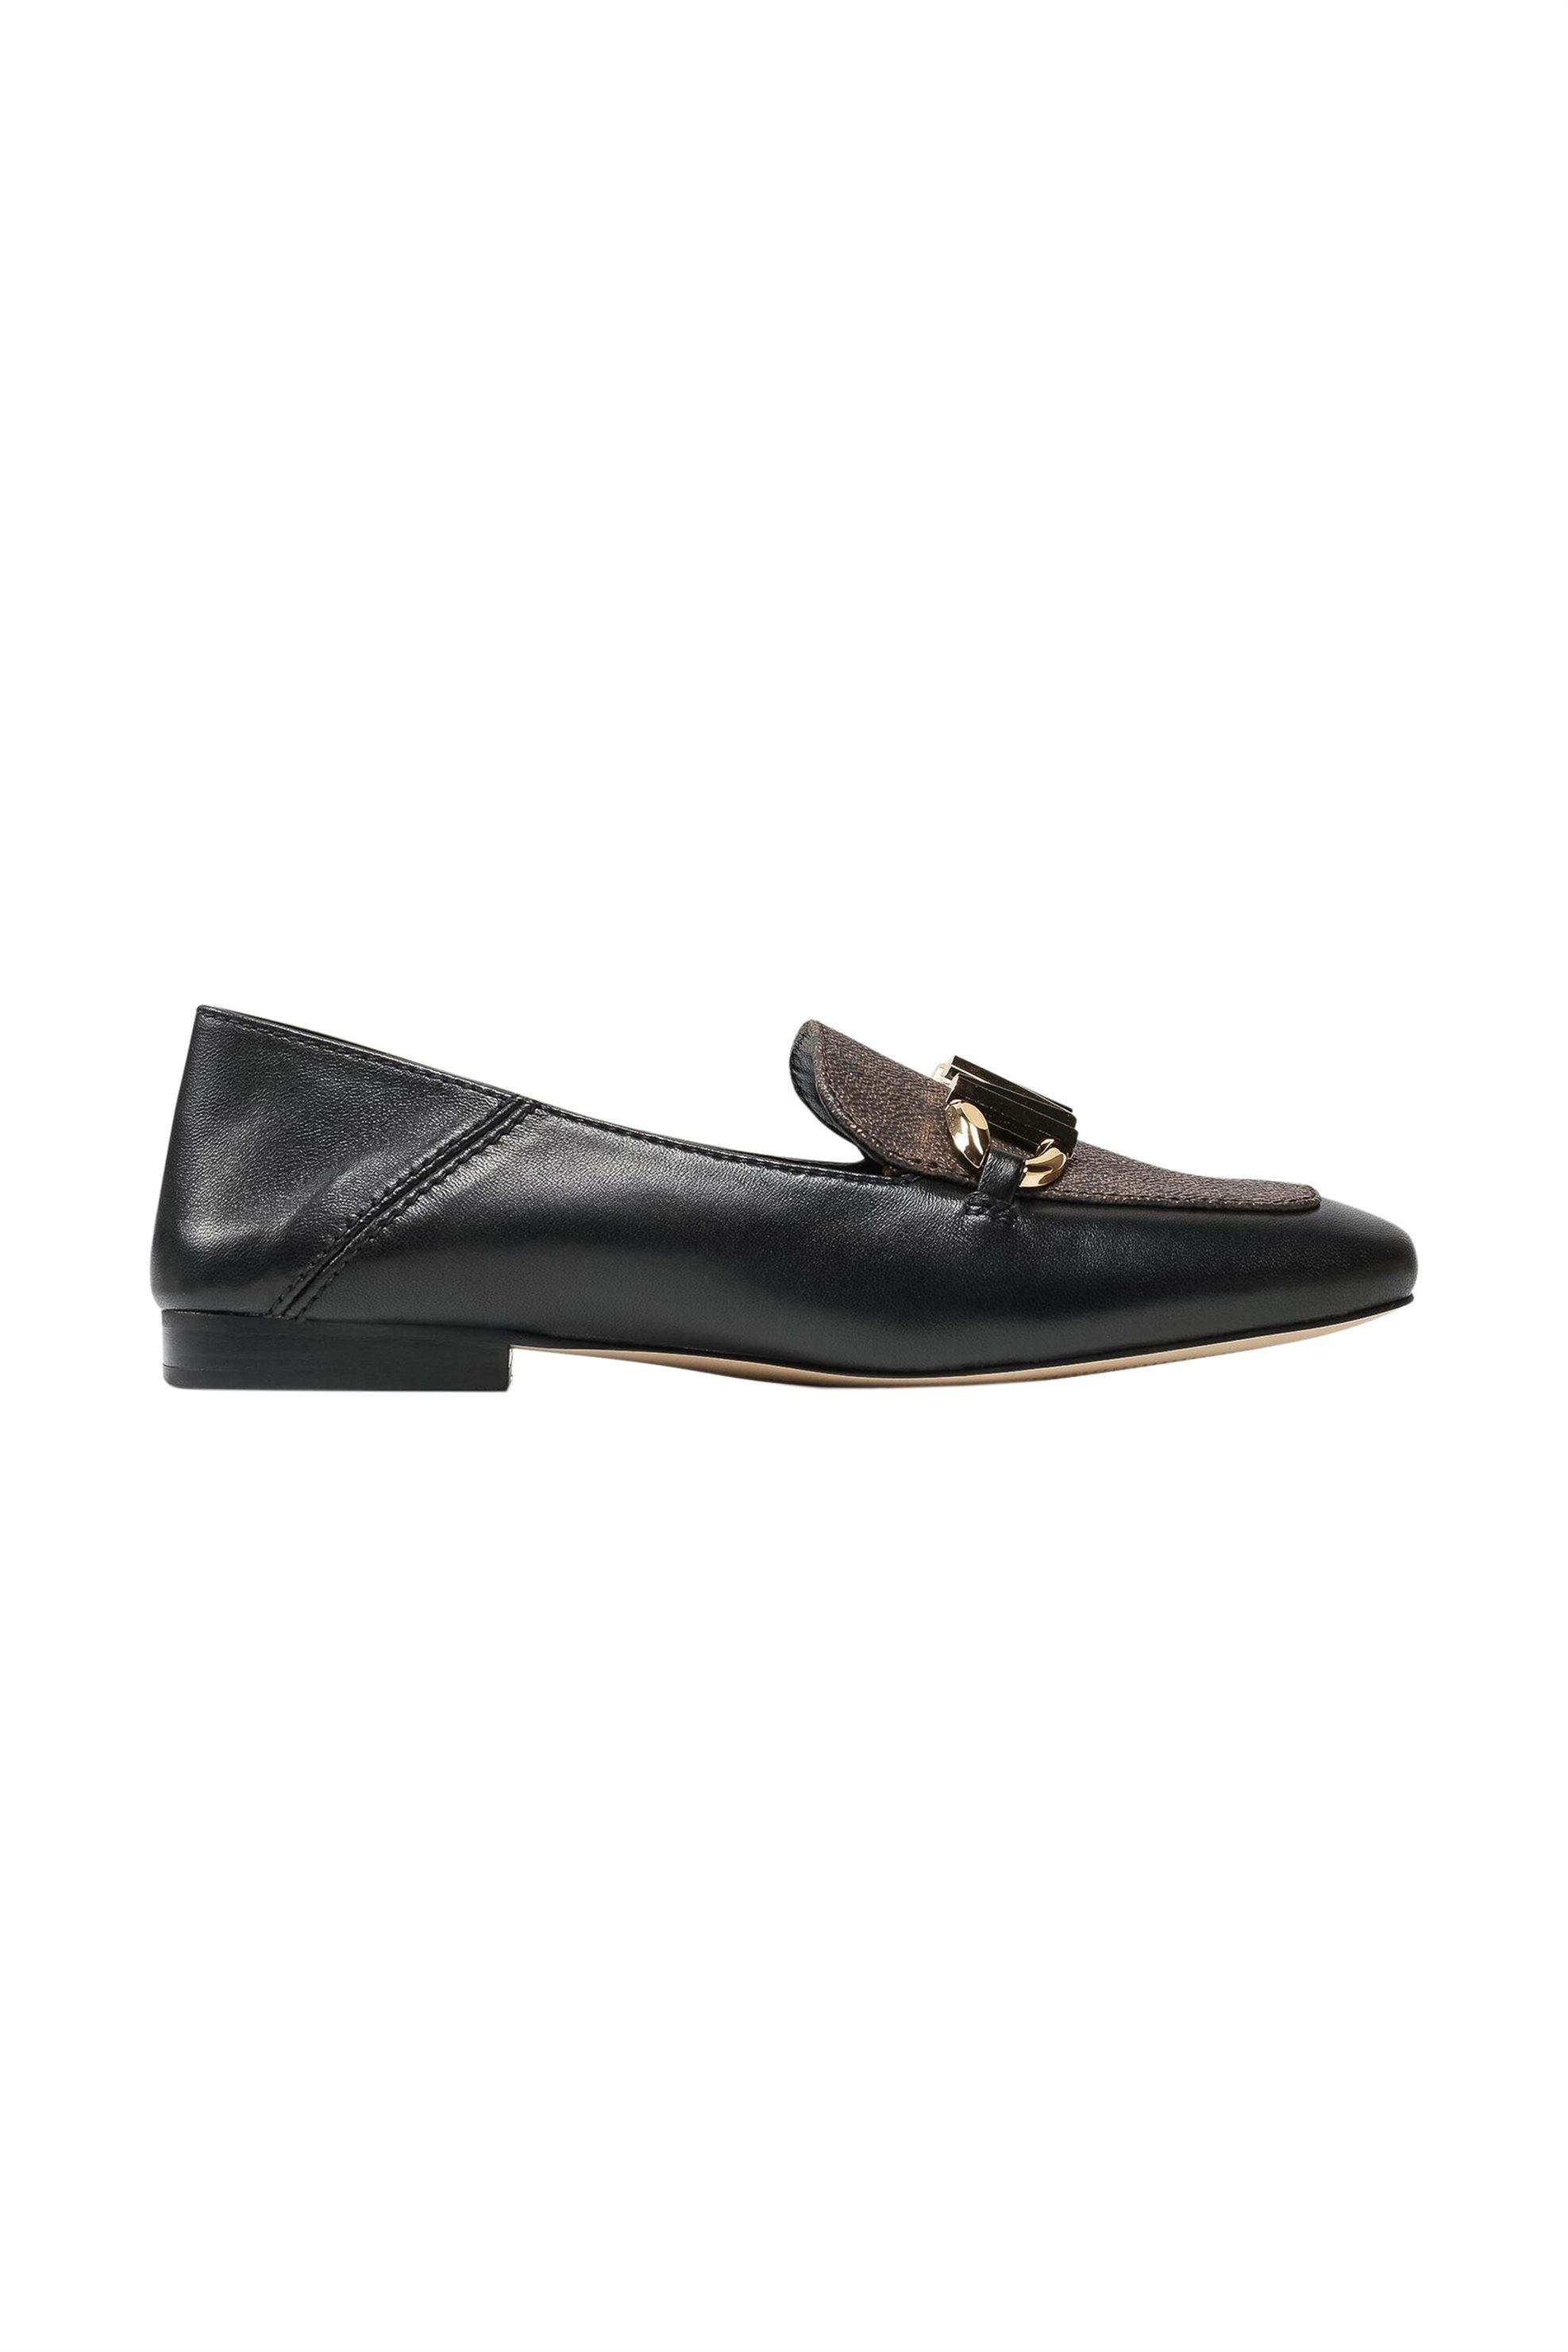 """Michael Kors γυναικεία δερμάτινα loafers με μεταλλικό λογότυπο """"Izzy"""" – 40T1IZFP1L – Μαυρο"""